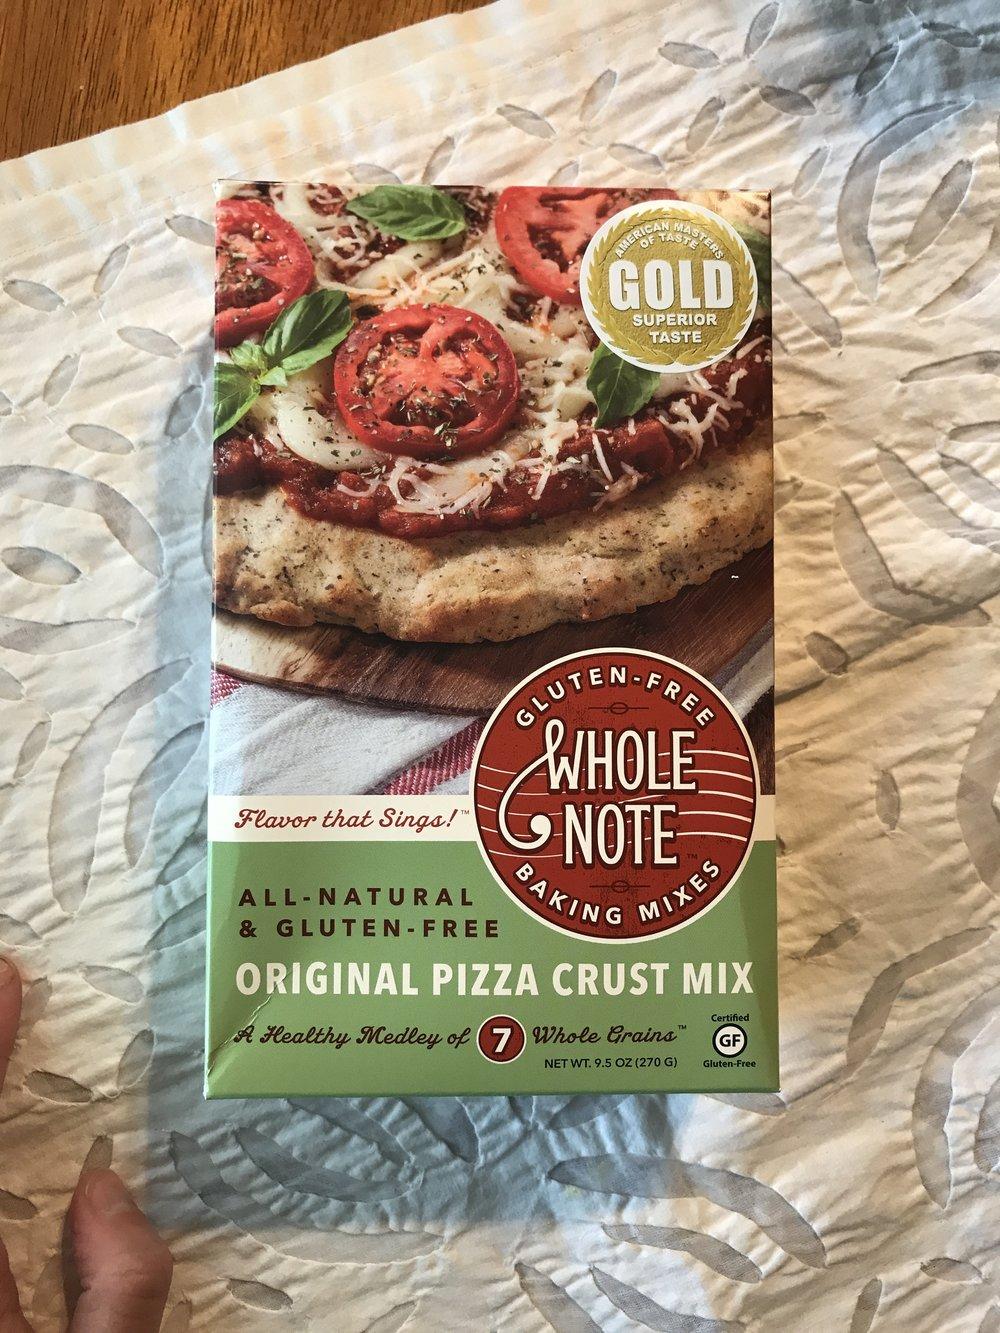 Whole Grain Gluten Free Pizza Crust